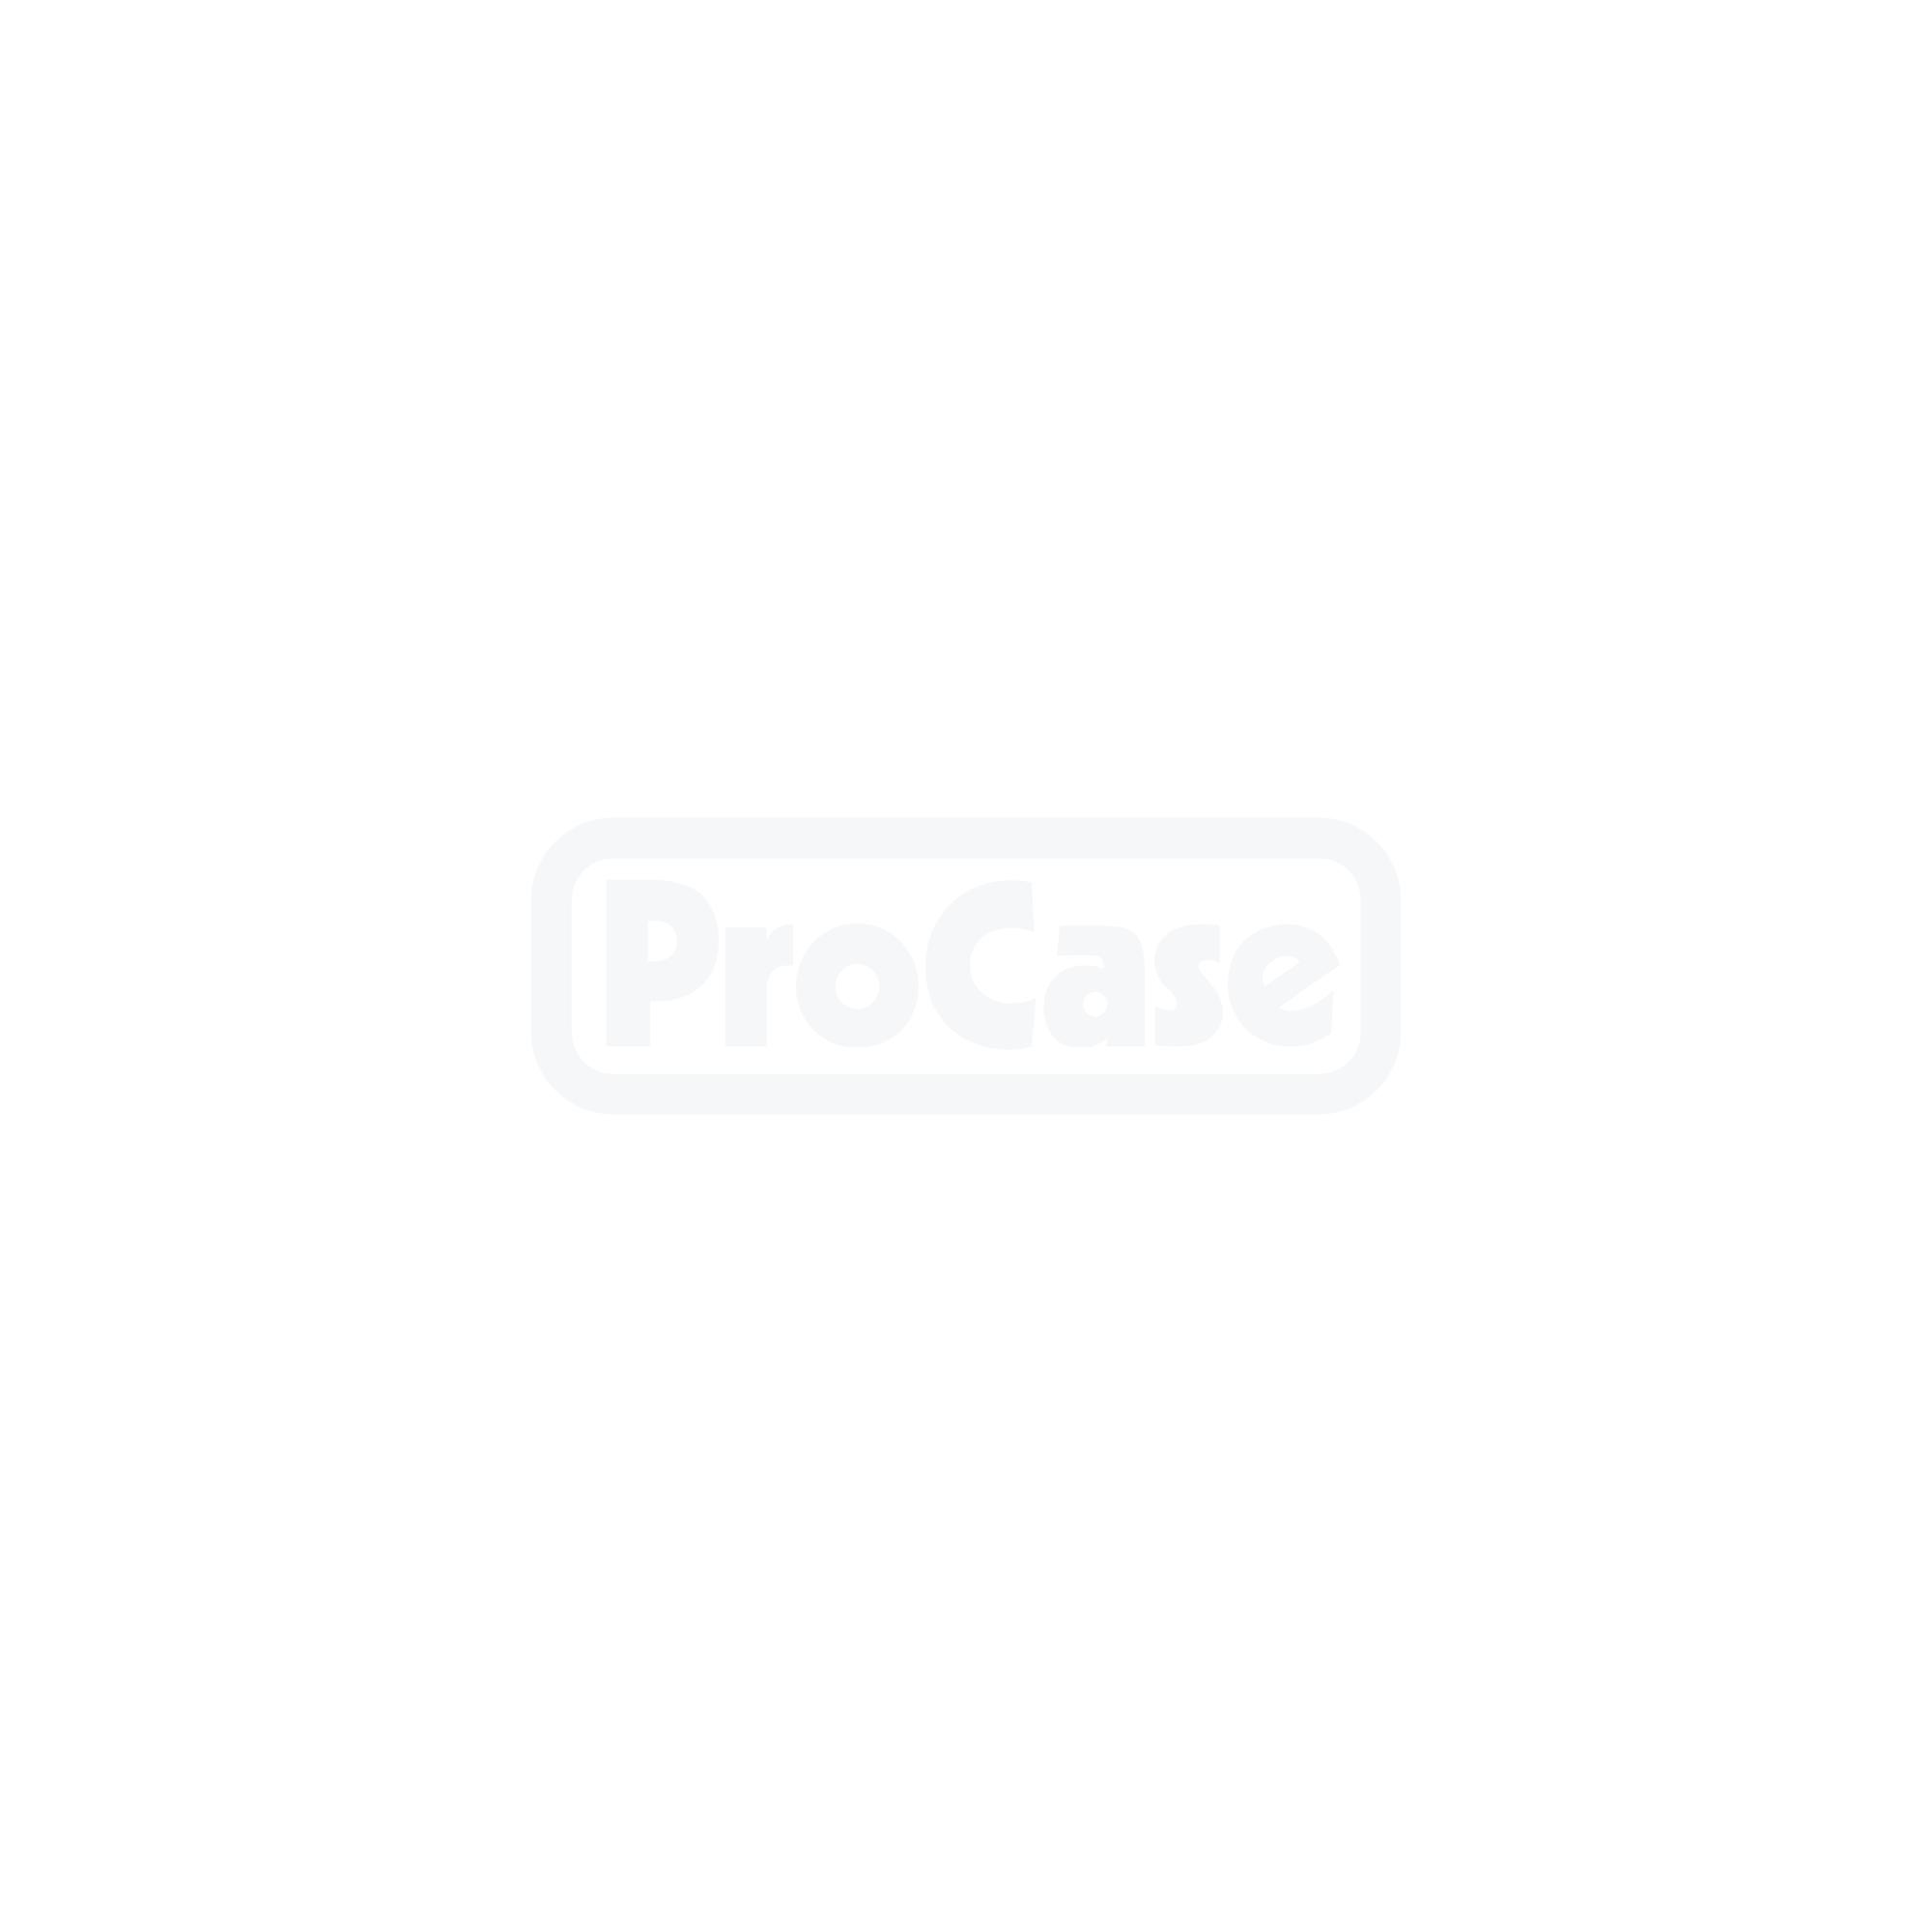 QSD-Rack 18HE 800 mm tief